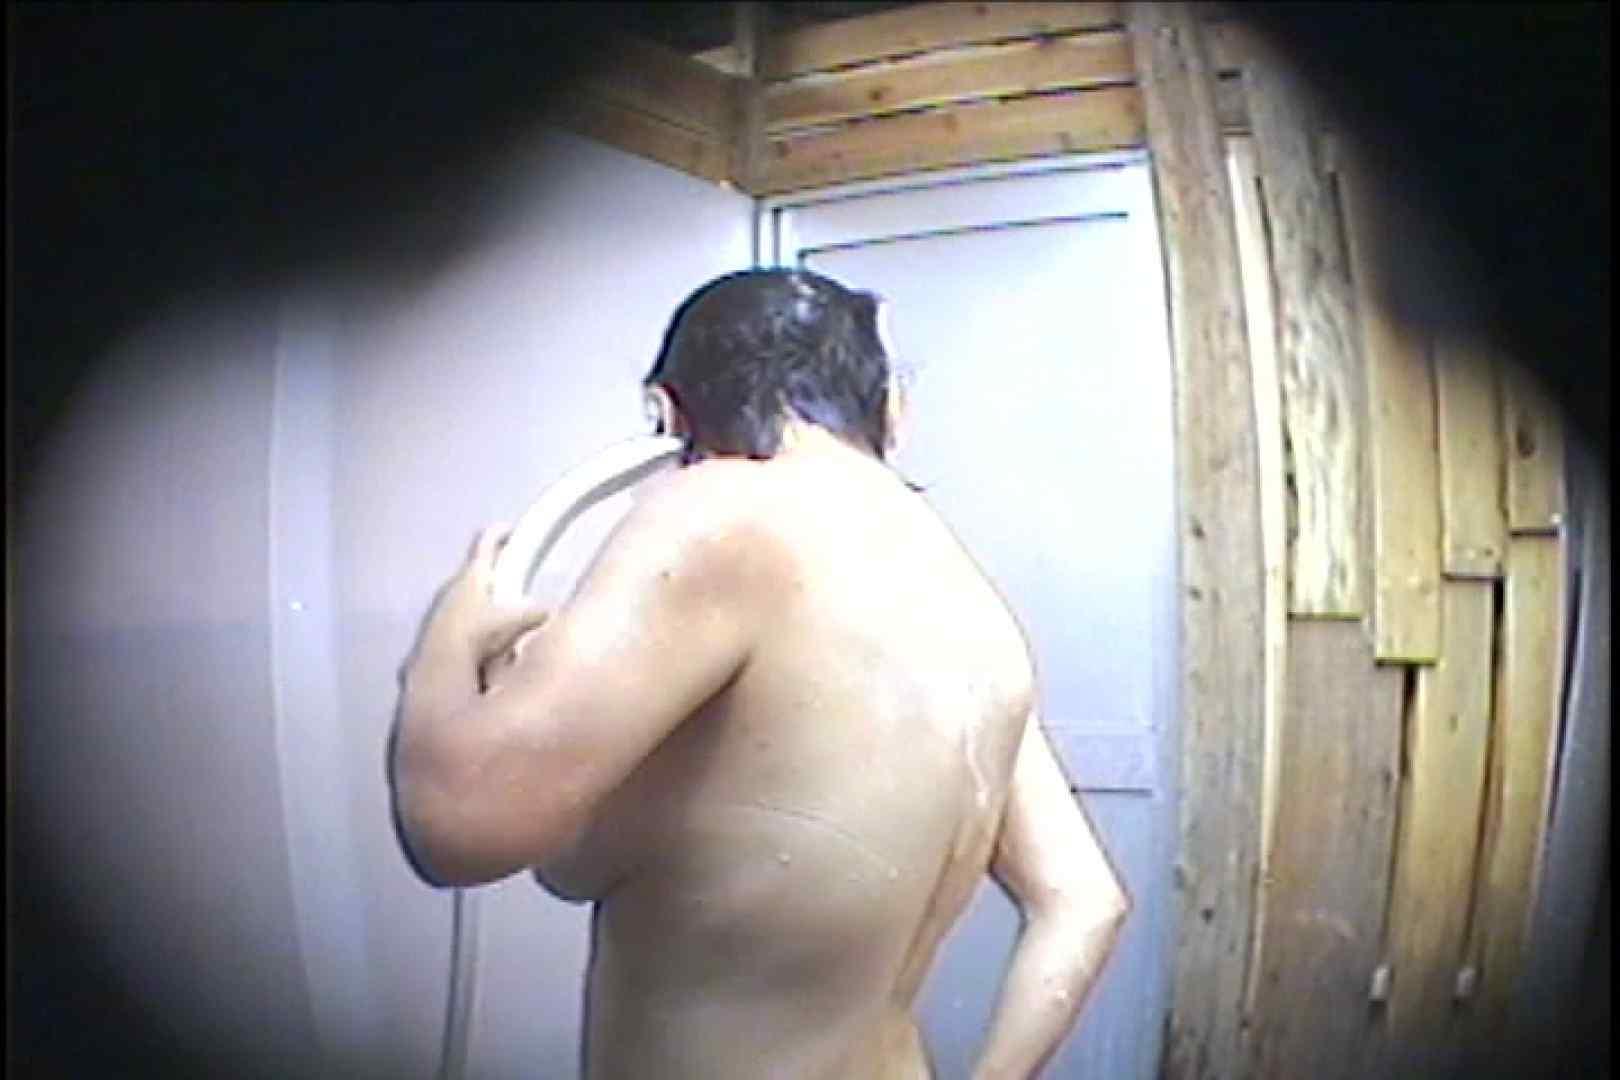 海の家の更衣室 Vol.53 いやらしいOL 盗撮画像 66連発 26